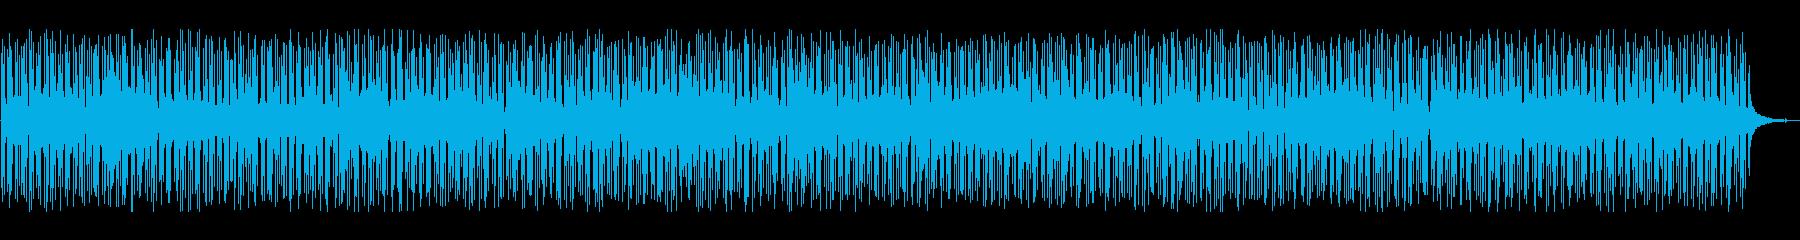 スローなチルアウト系R&Bなエレピの再生済みの波形